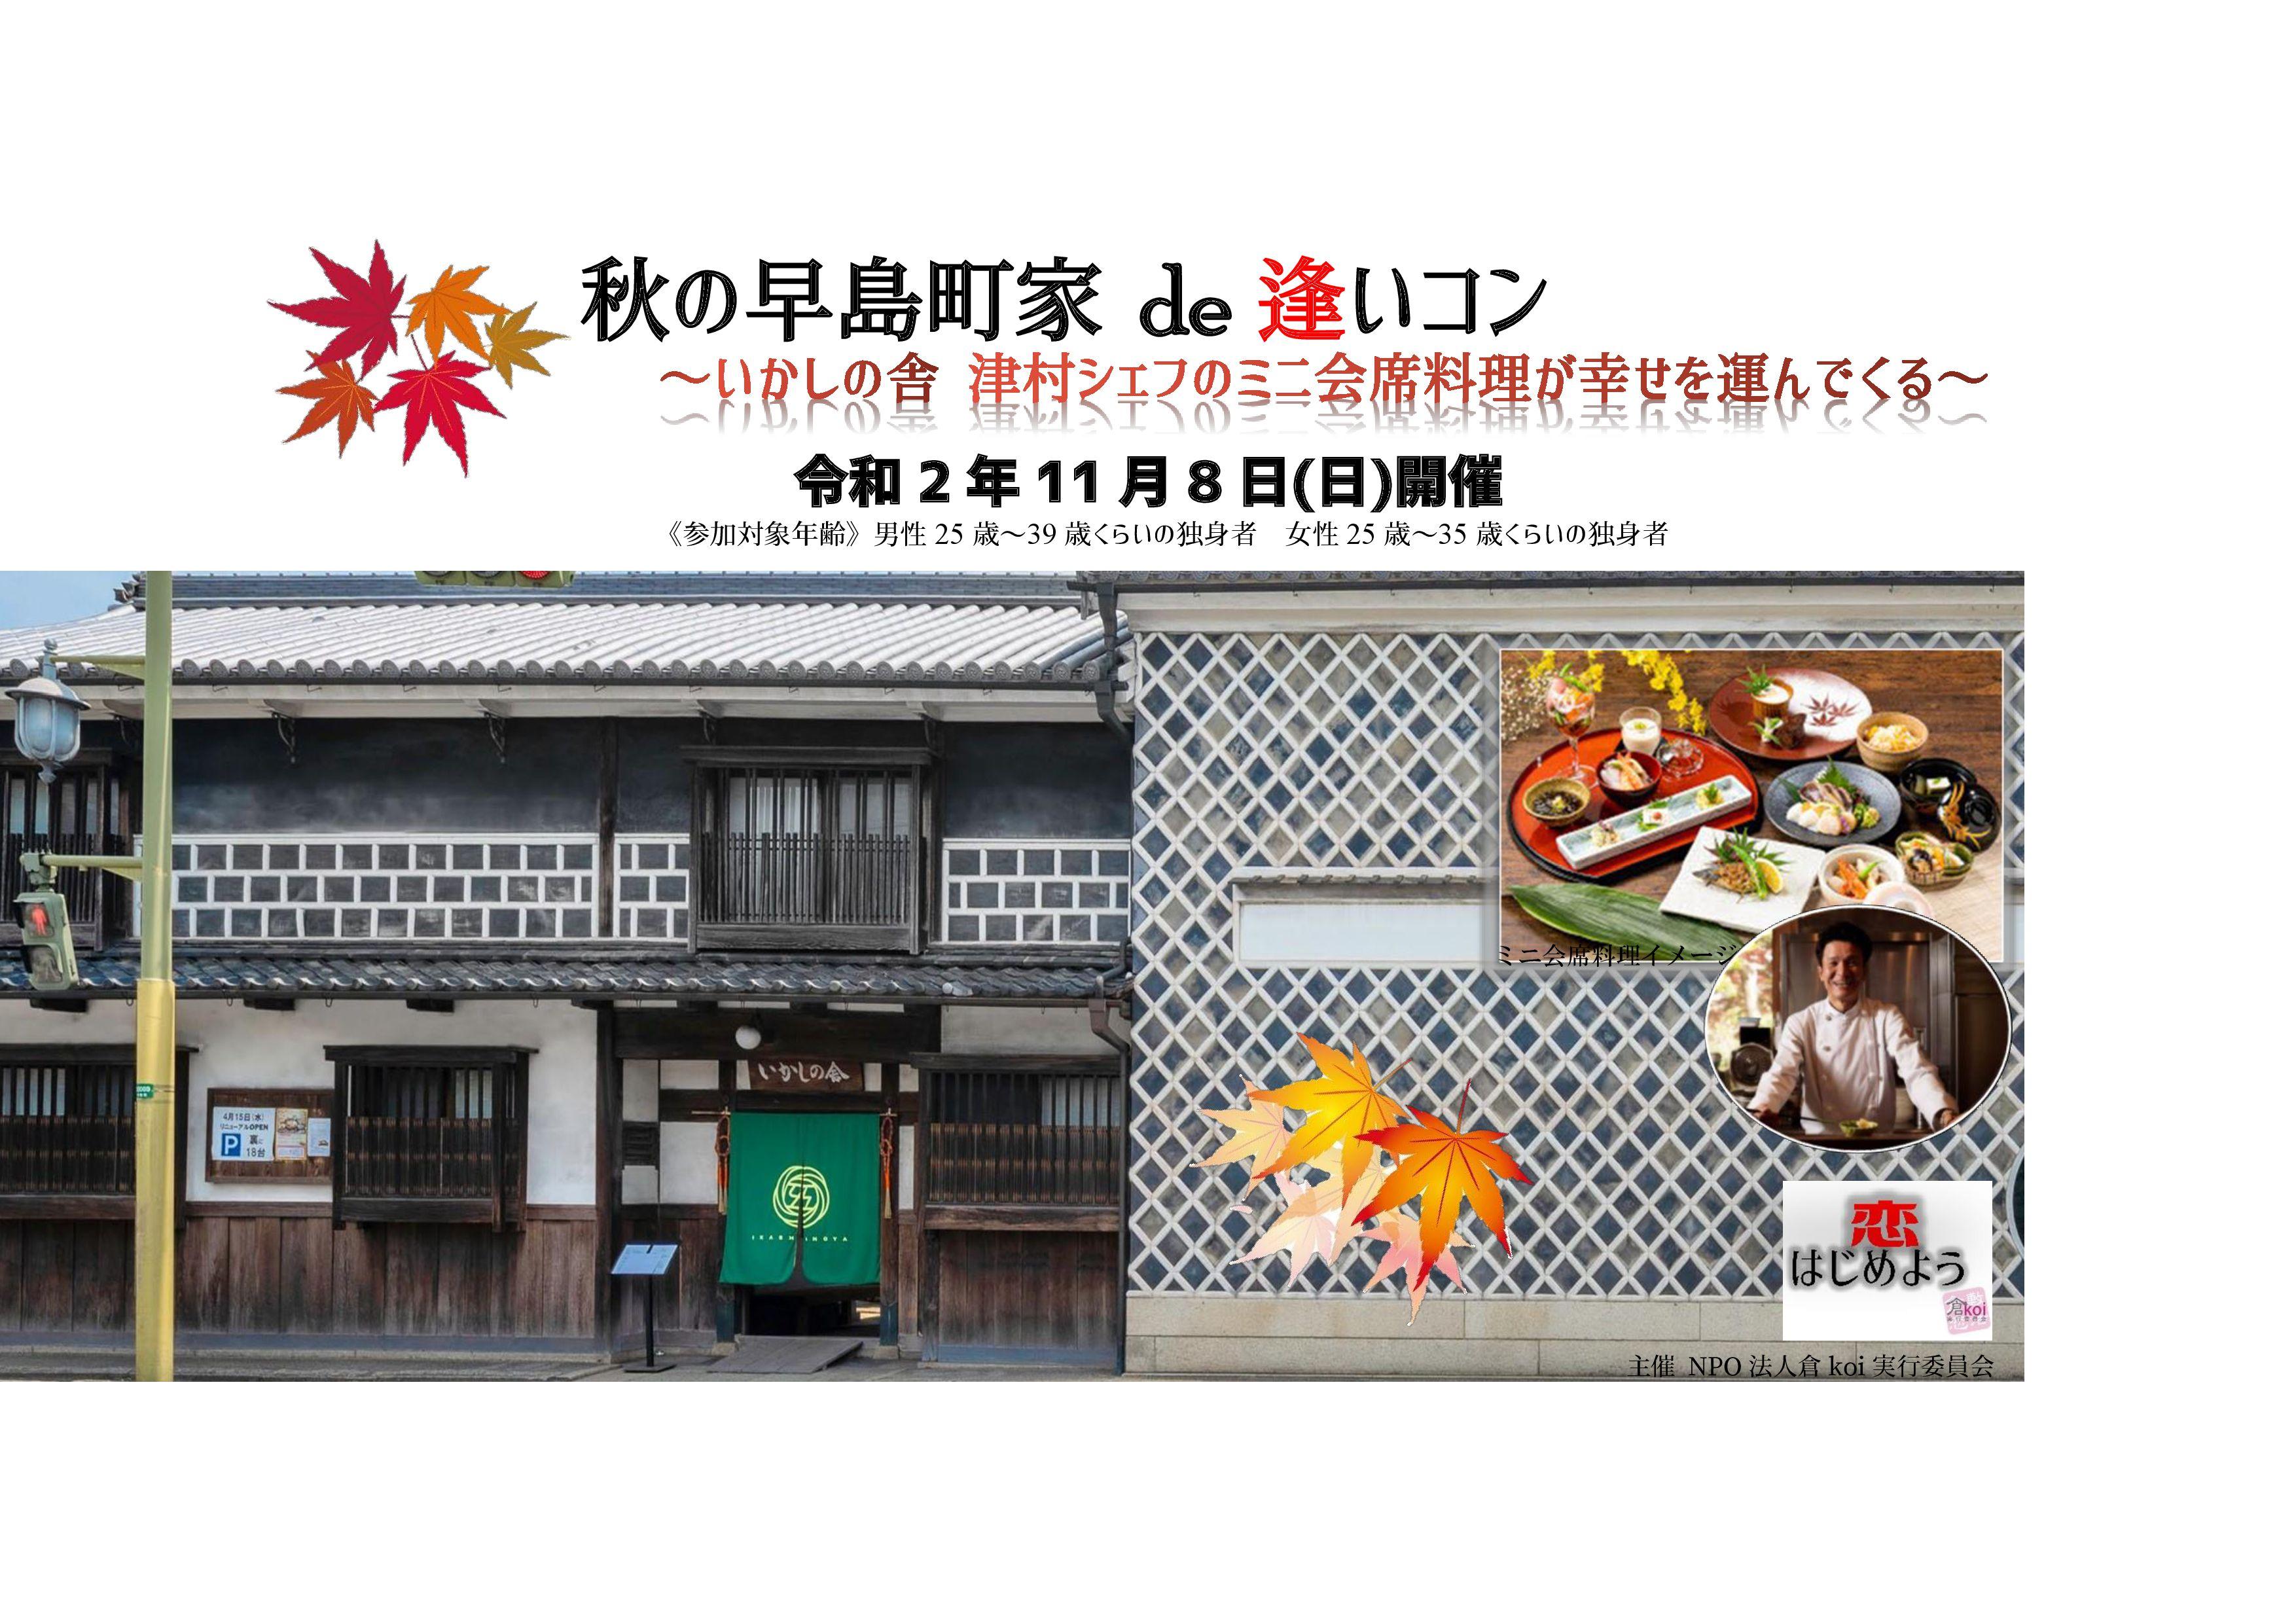 11月8日(日)開催 秋の早島町家de逢いコン ~いかしの舎津村シェフのミニ会席料理が幸せを運んでくる~